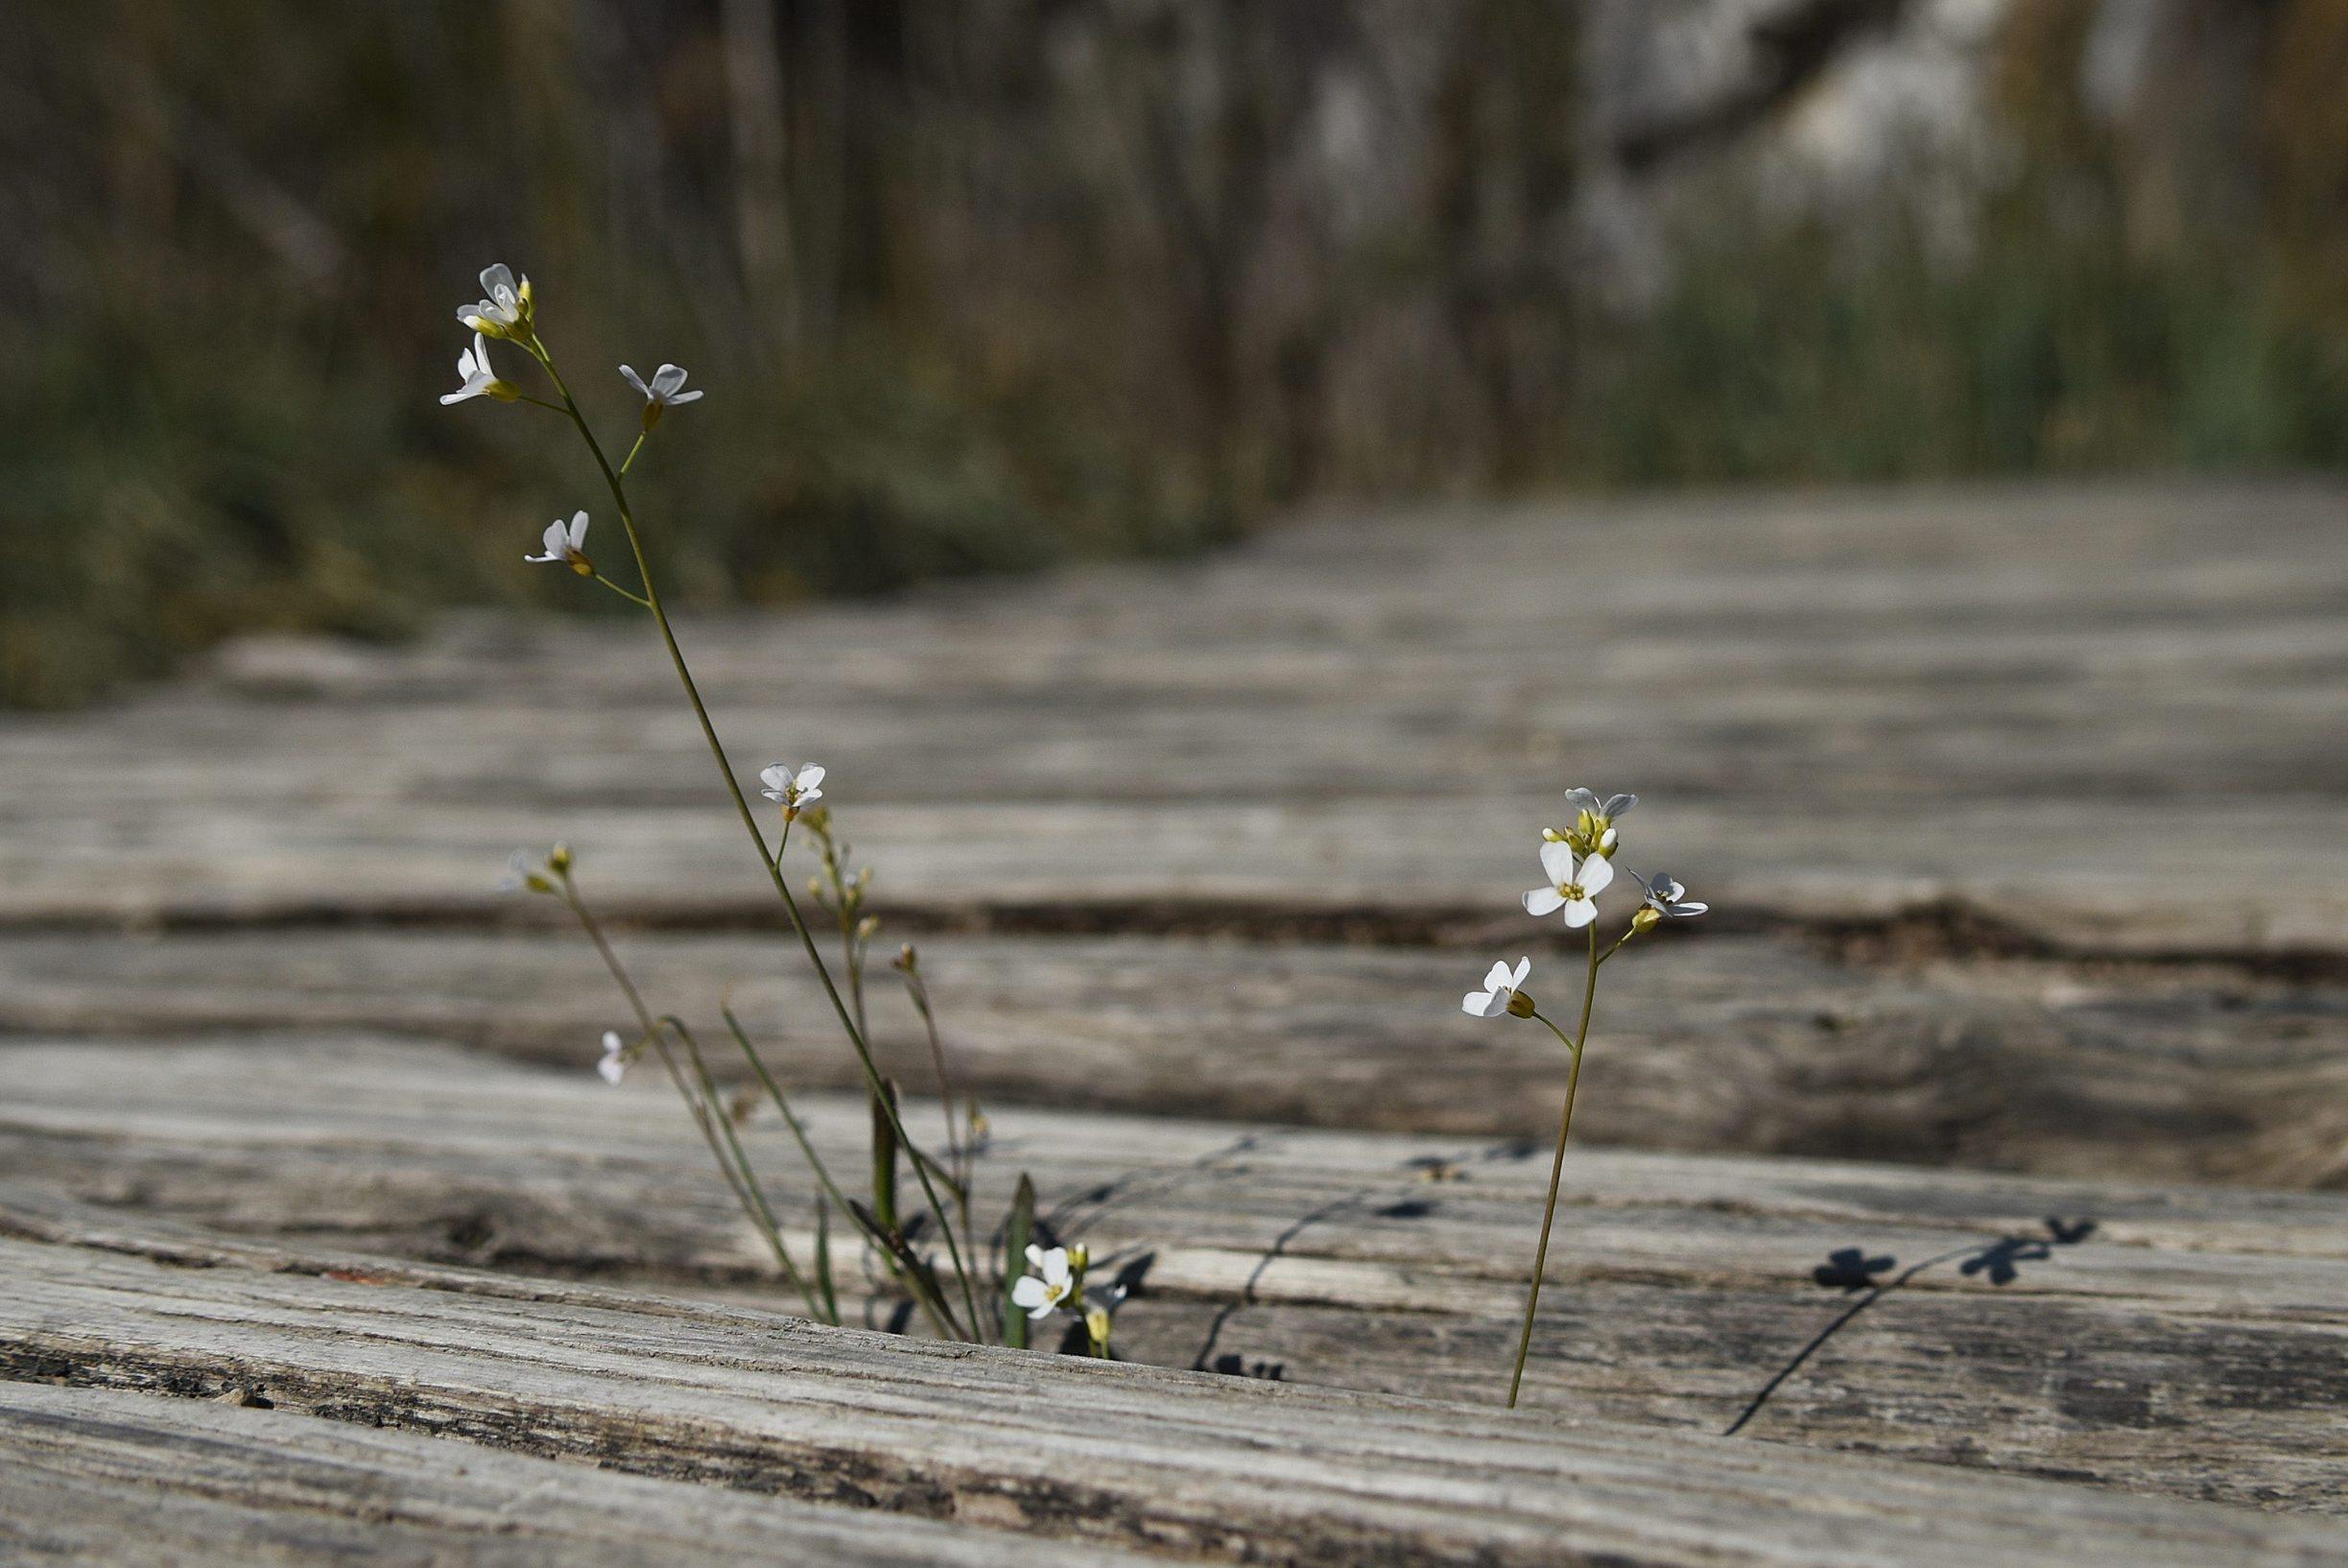 Plitvicka Jezera, 240420. Prvi put u svojoj povijesti Nacionalni park Plitvicka jezera zatvoren je za posjetitelje u sezoni. Na fotografiji: Setnica u nacionalnom parku. Foto: Robert Fajt / CROPIX